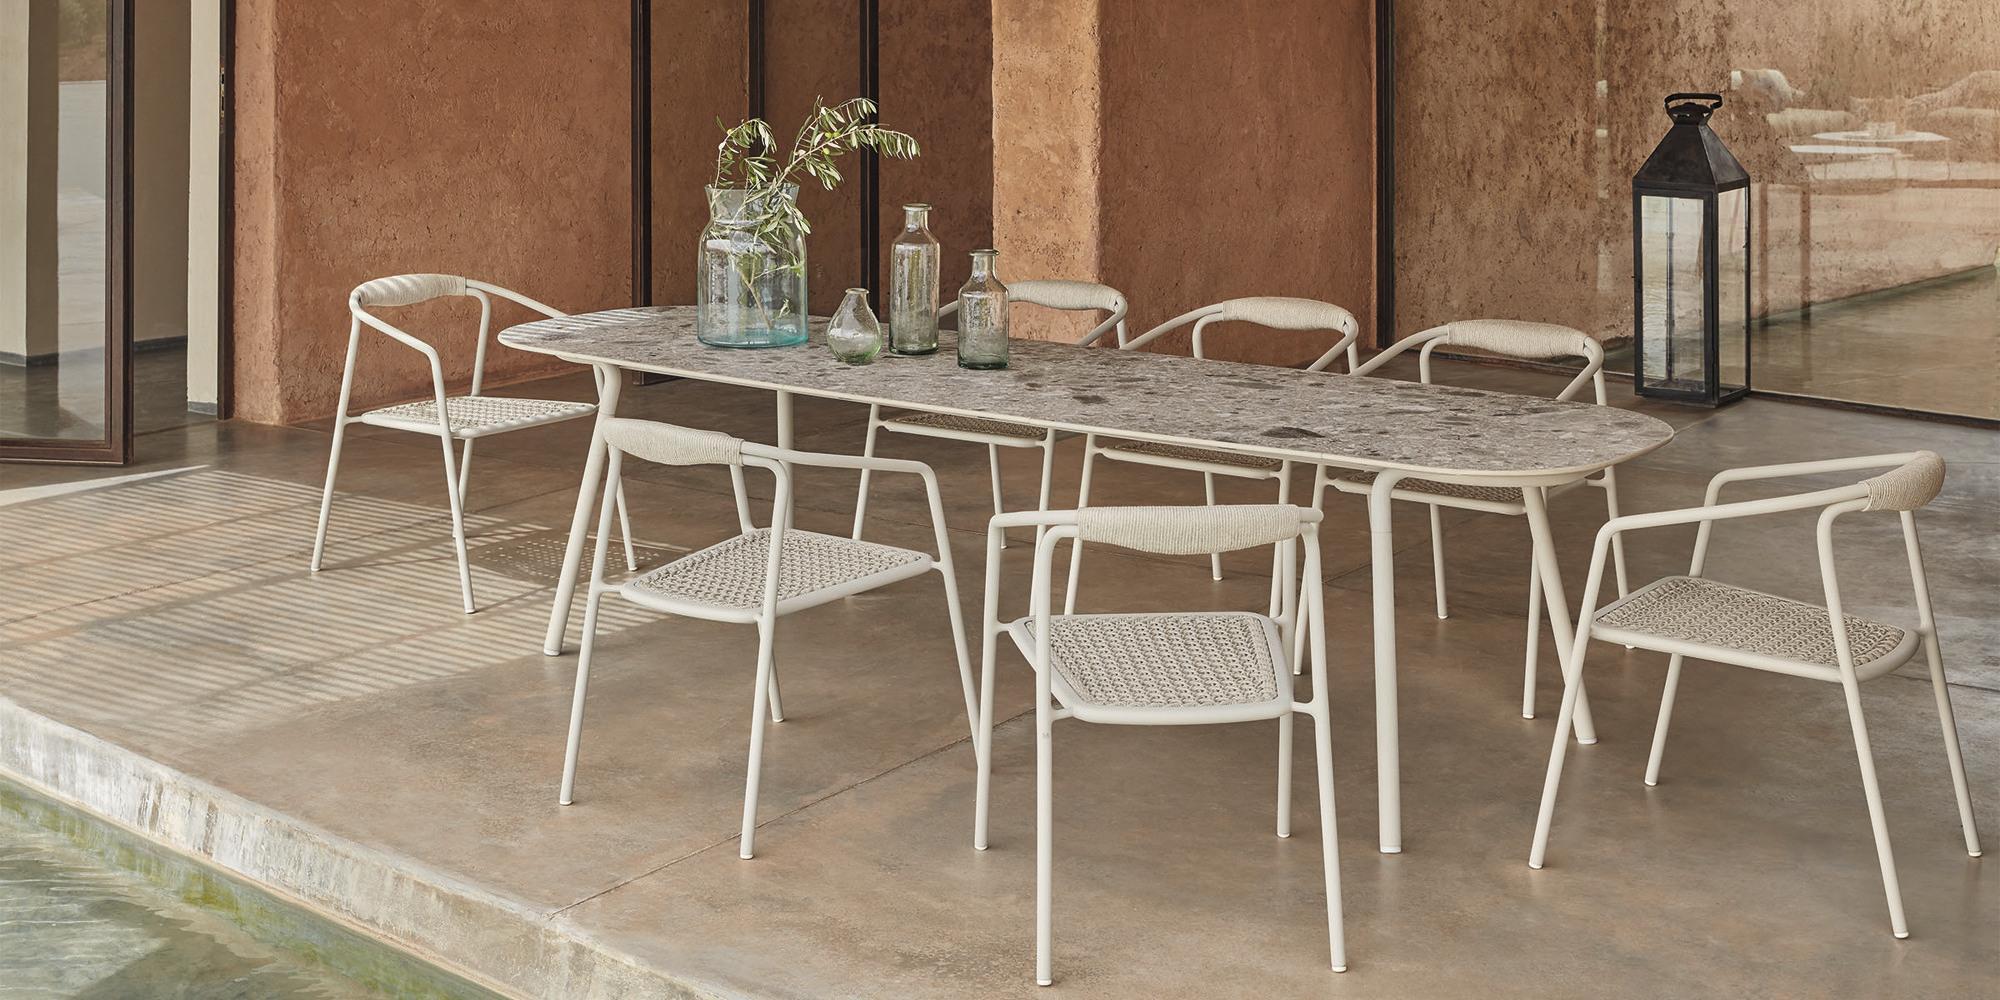 Minus table